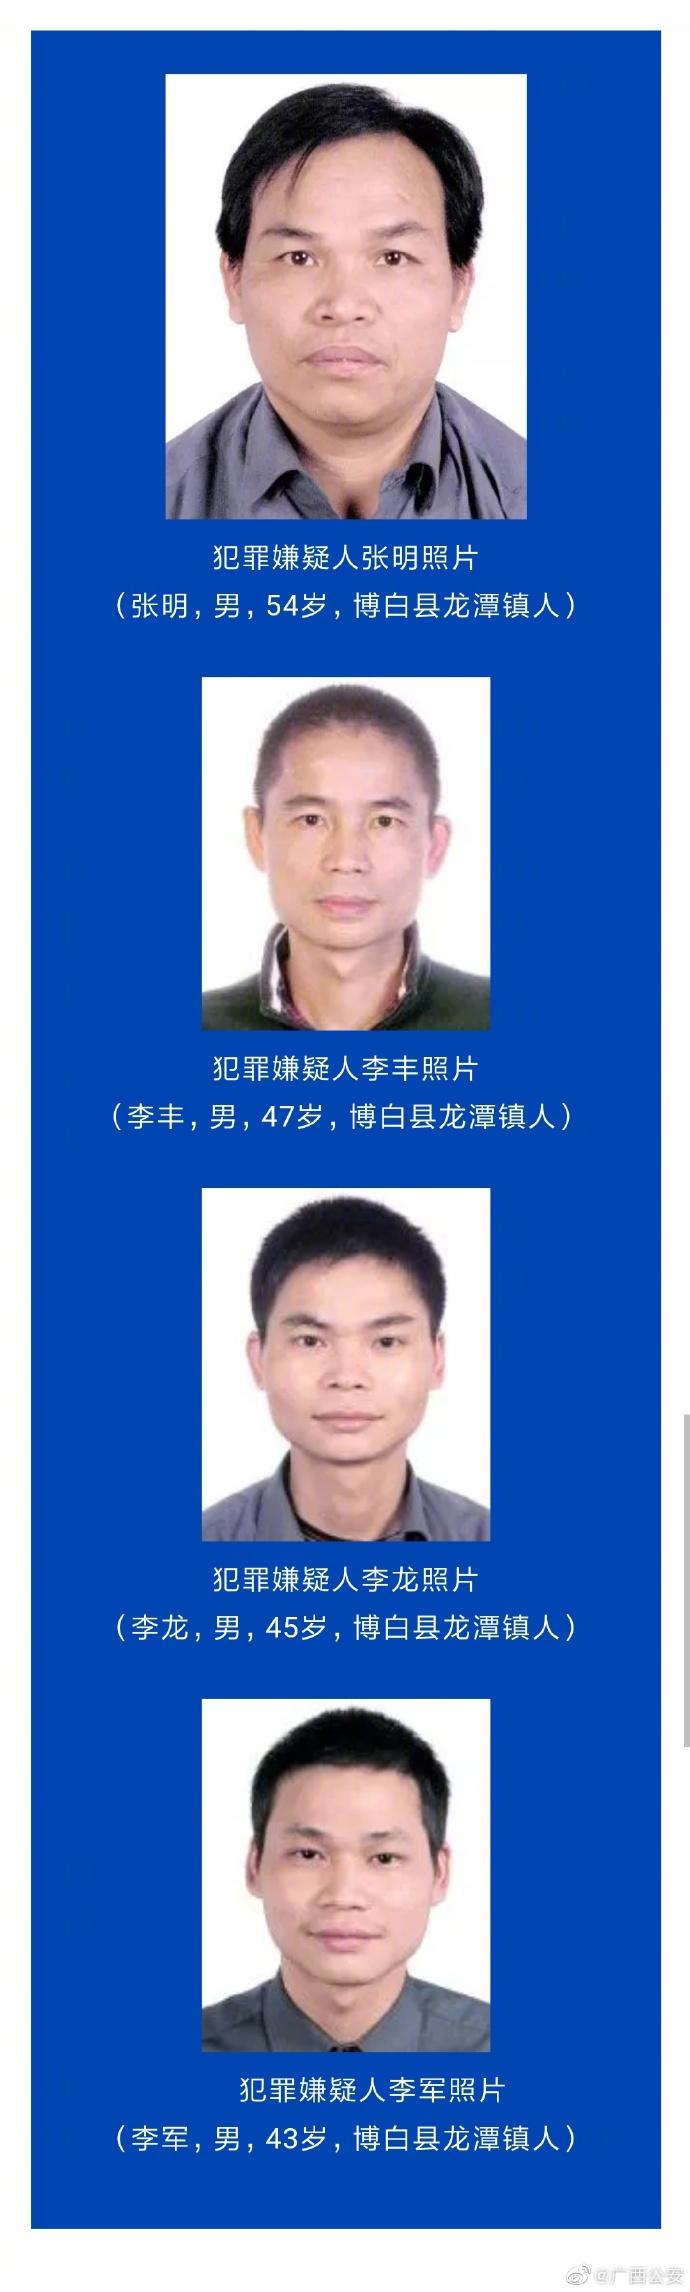 广西公安:征集张明、李丰等人违法犯罪线索,最高奖30万元_奖励